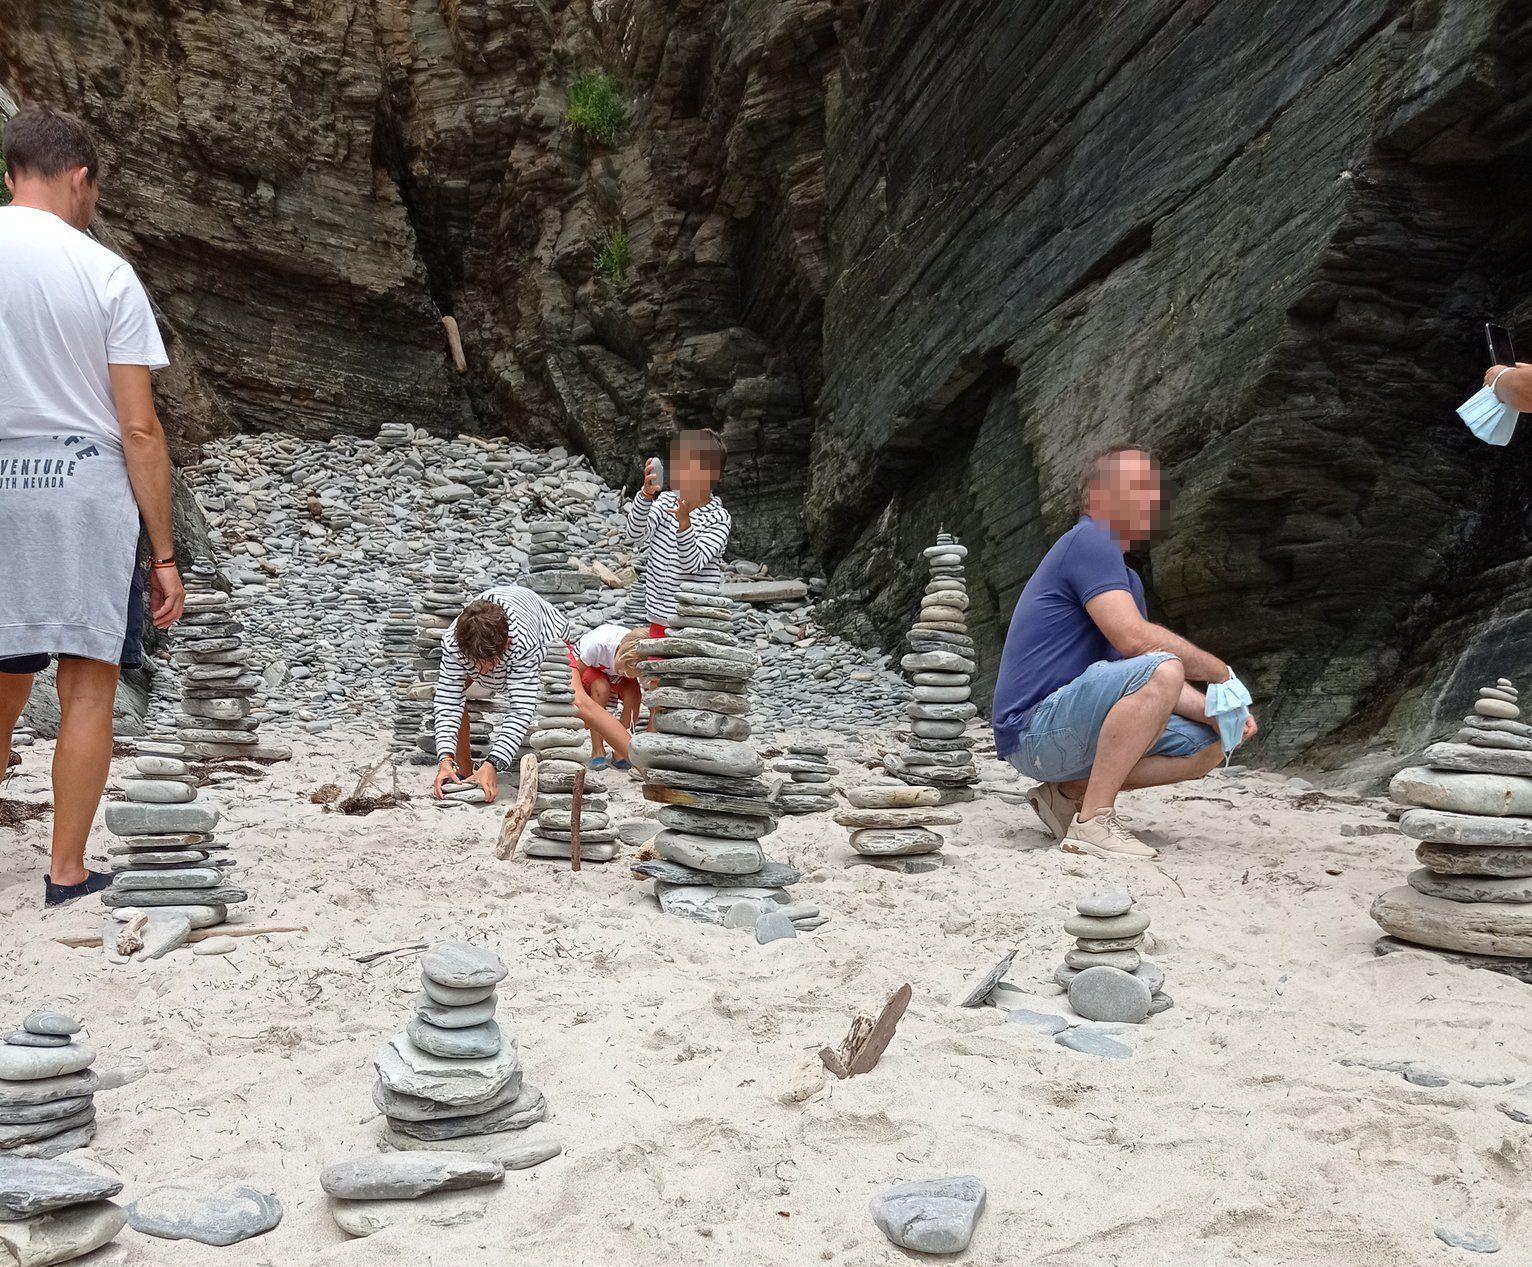 Fernando Suárez solicita ao Servizo de Conservación da Natureza que tome medidas para evitar que os visitantes da praia das Catedrais realicen figuras co amoreamento de pedras